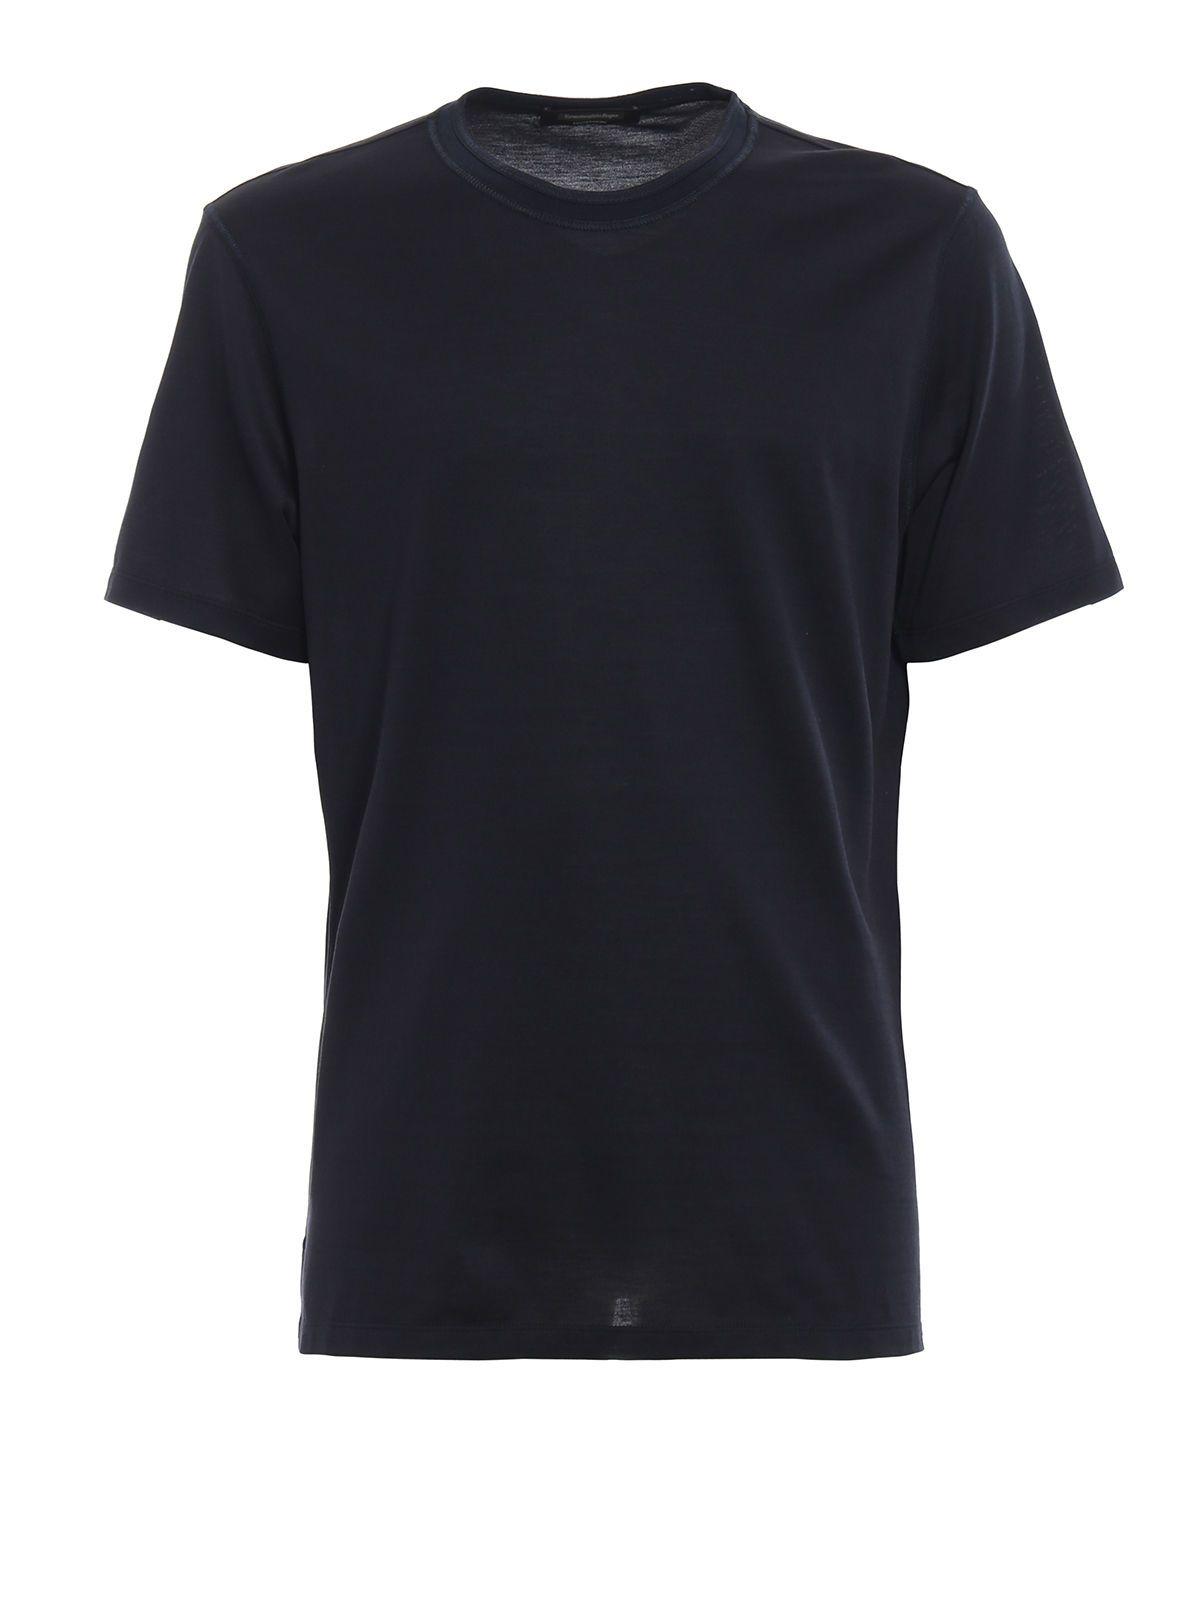 S/l Tshirt